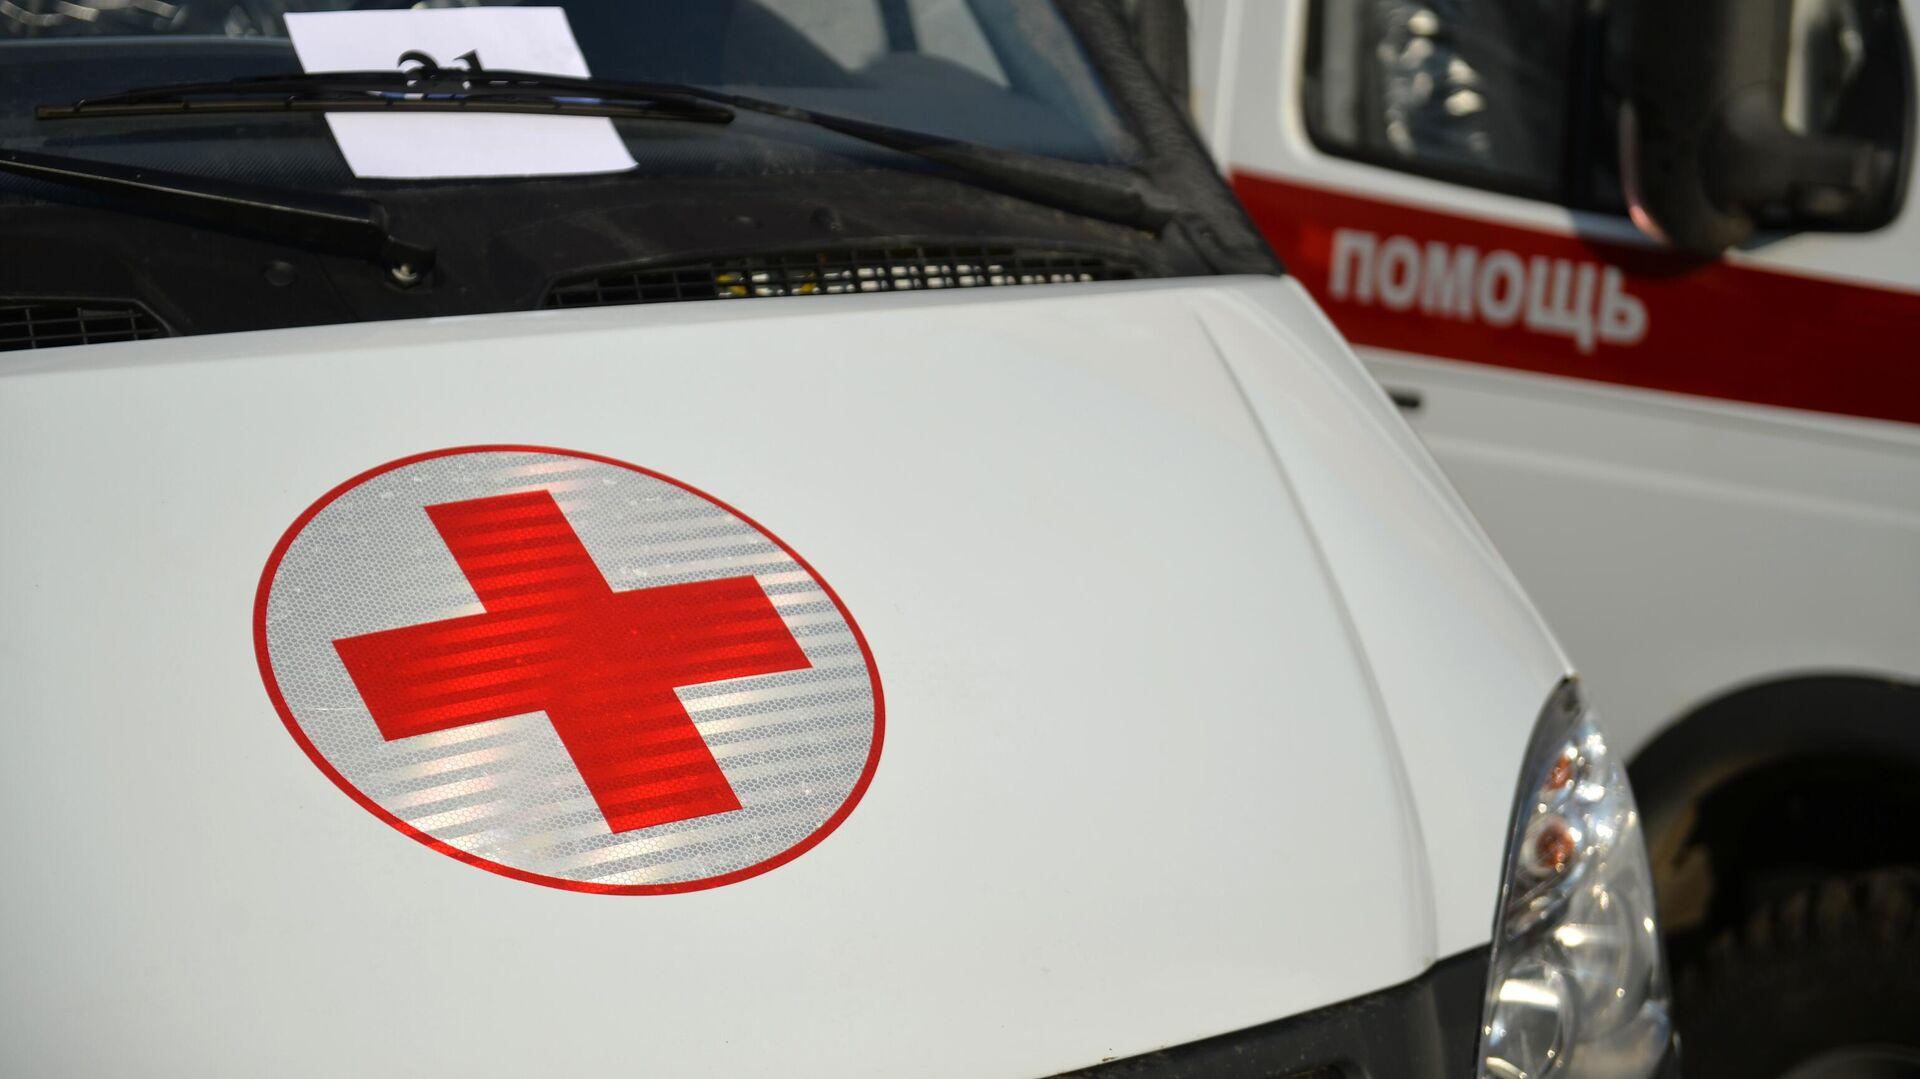 Красный крест на автомобиле скорой медицинской помощи в Свердловской области - РИА Новости, 1920, 30.07.2021